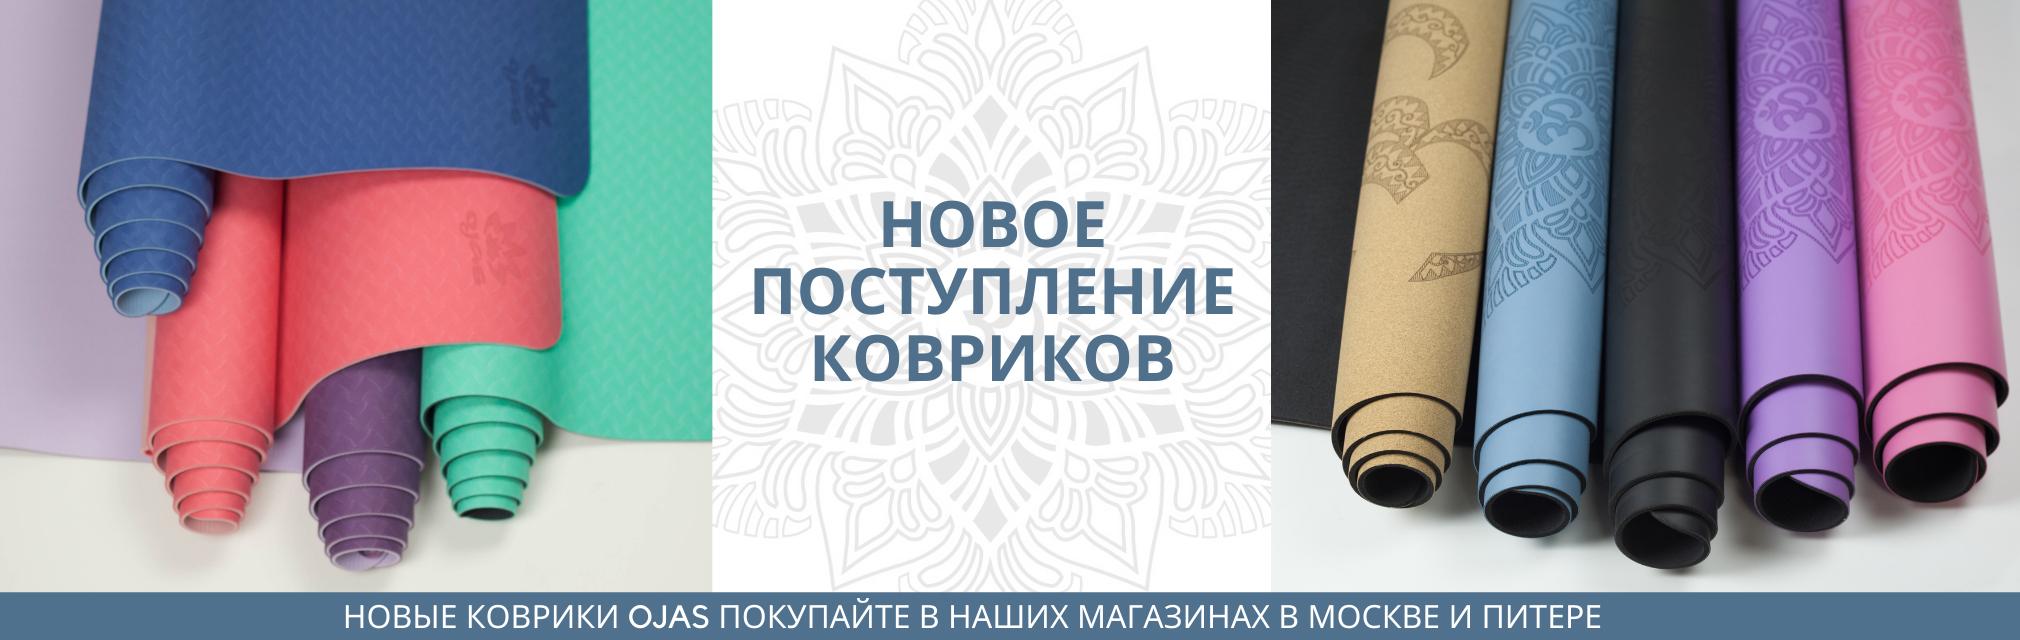 banner-new-mats-2020х640.jpg